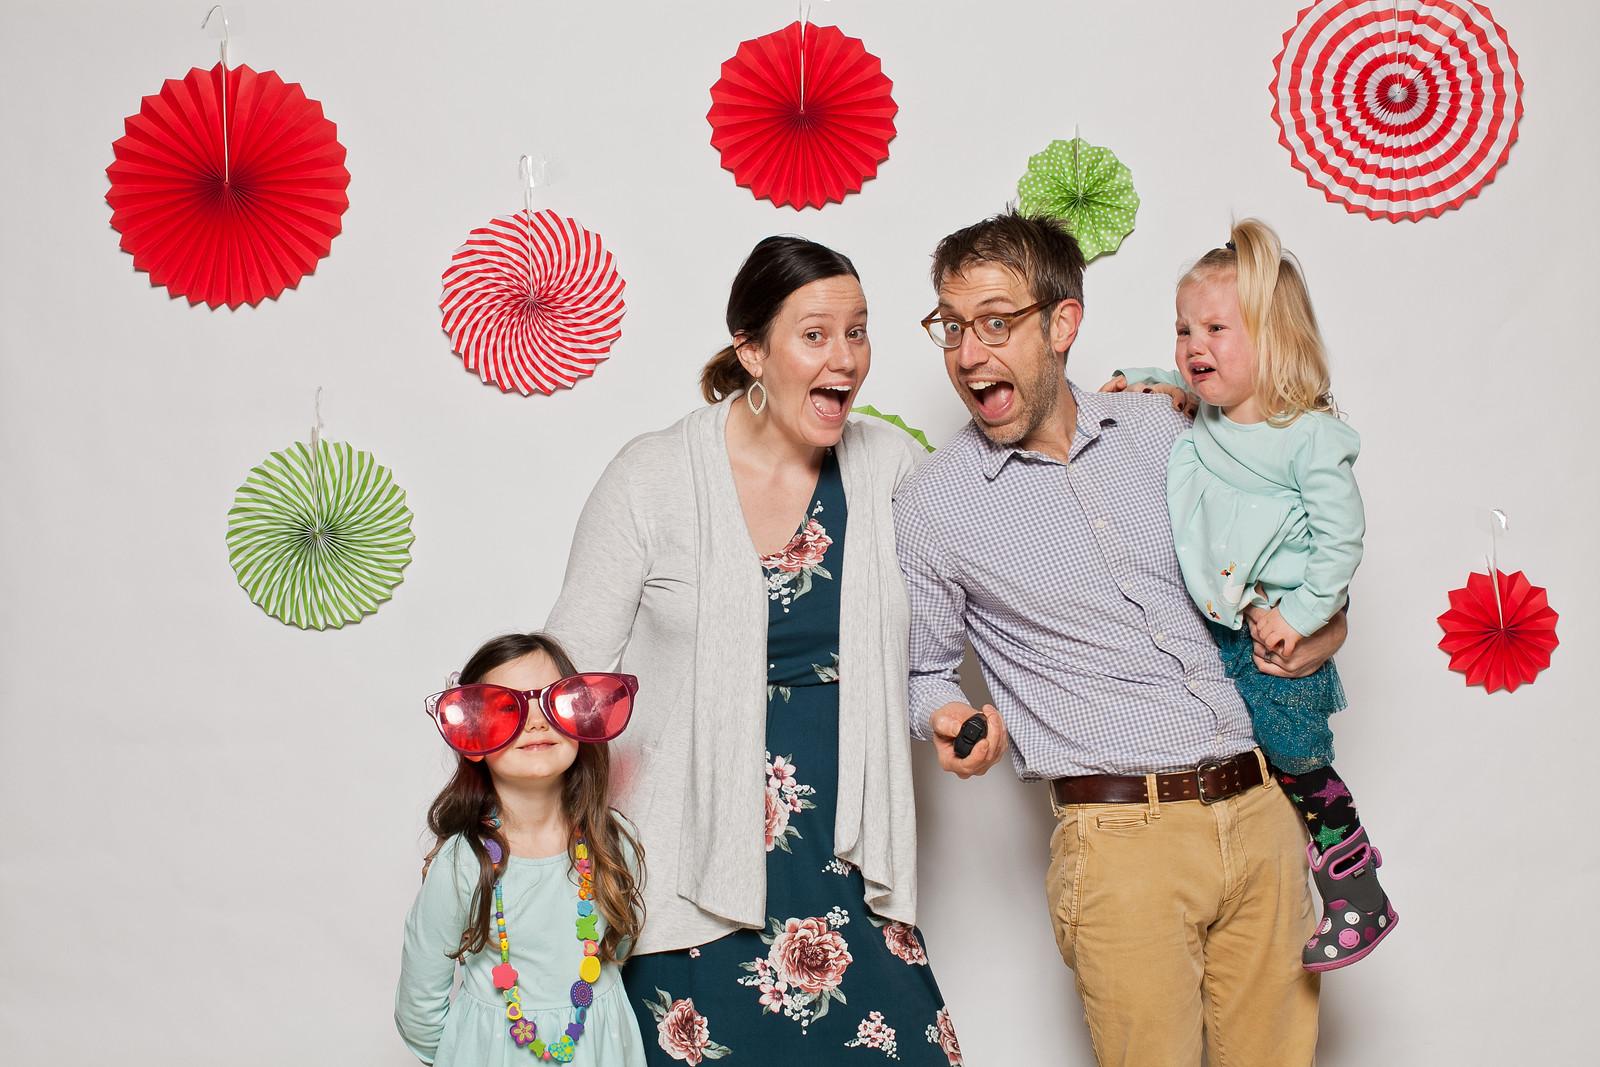 The Pratt family - Tahlia, Krysten, Steve, and Seraphina.